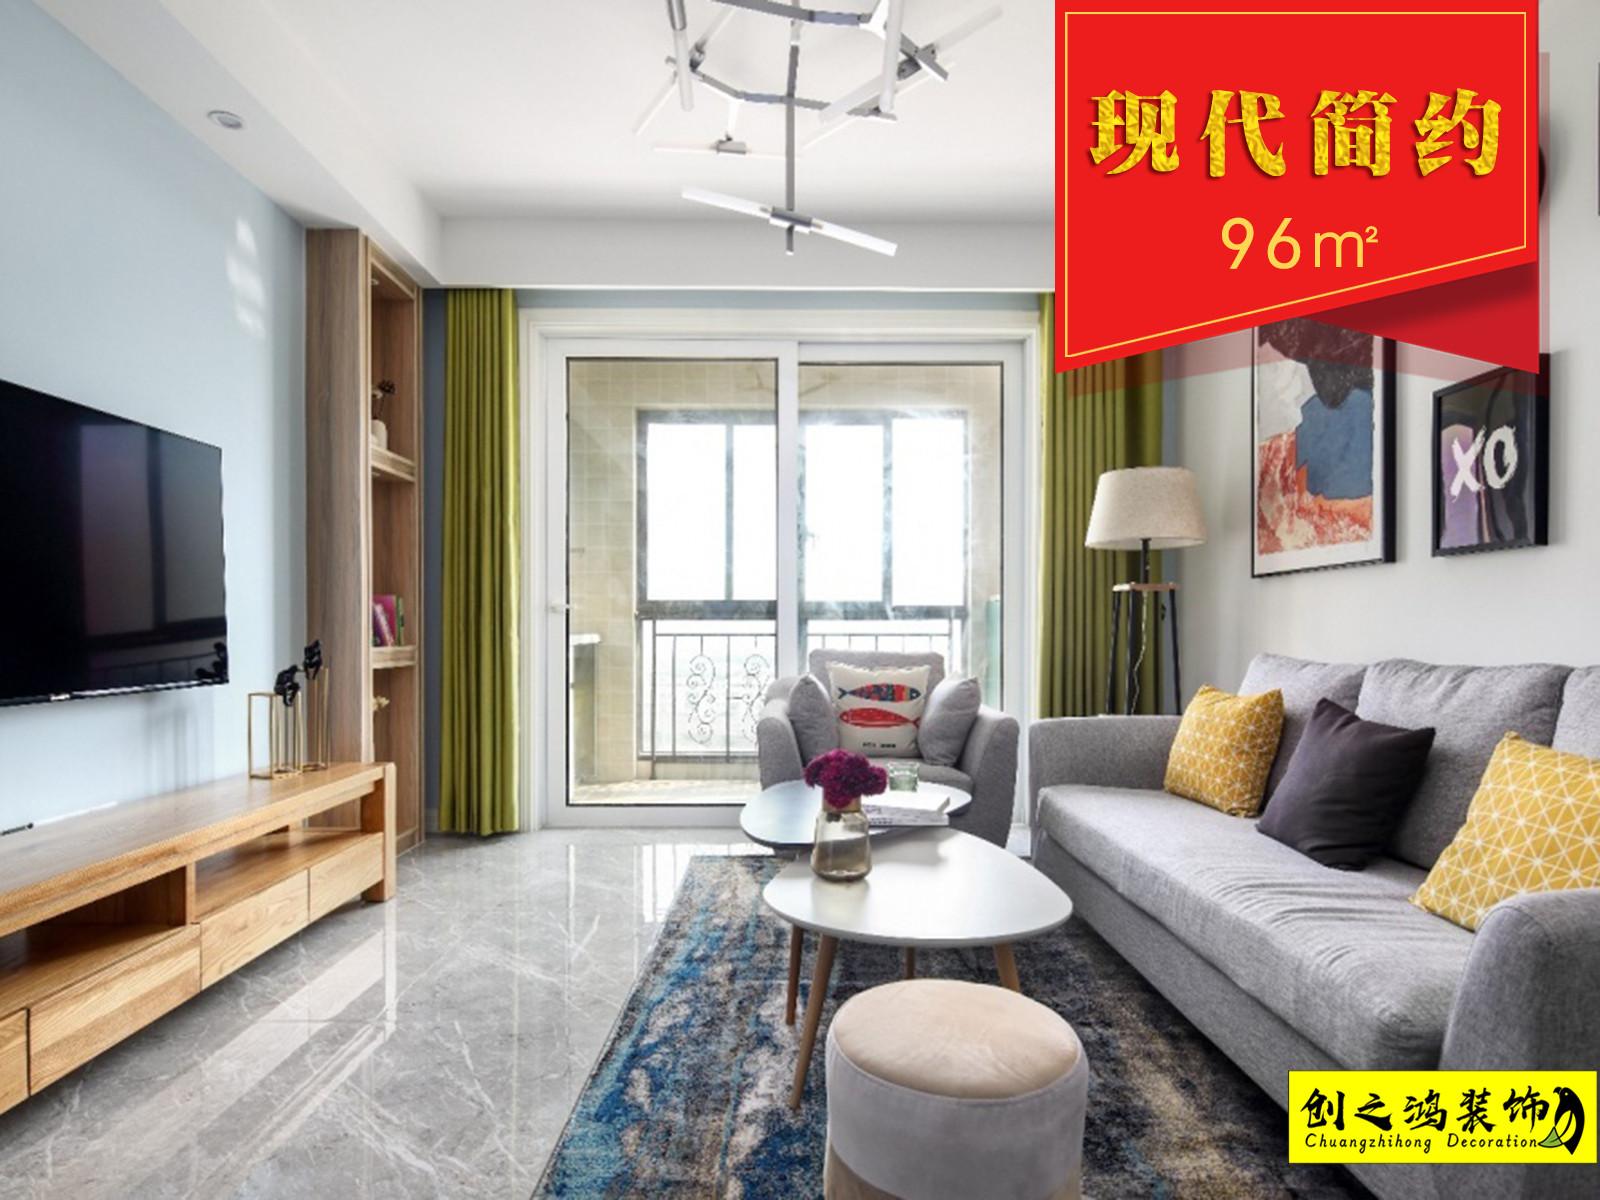 96㎡天房北宁公元三室两厅现代简约风格装修效果图